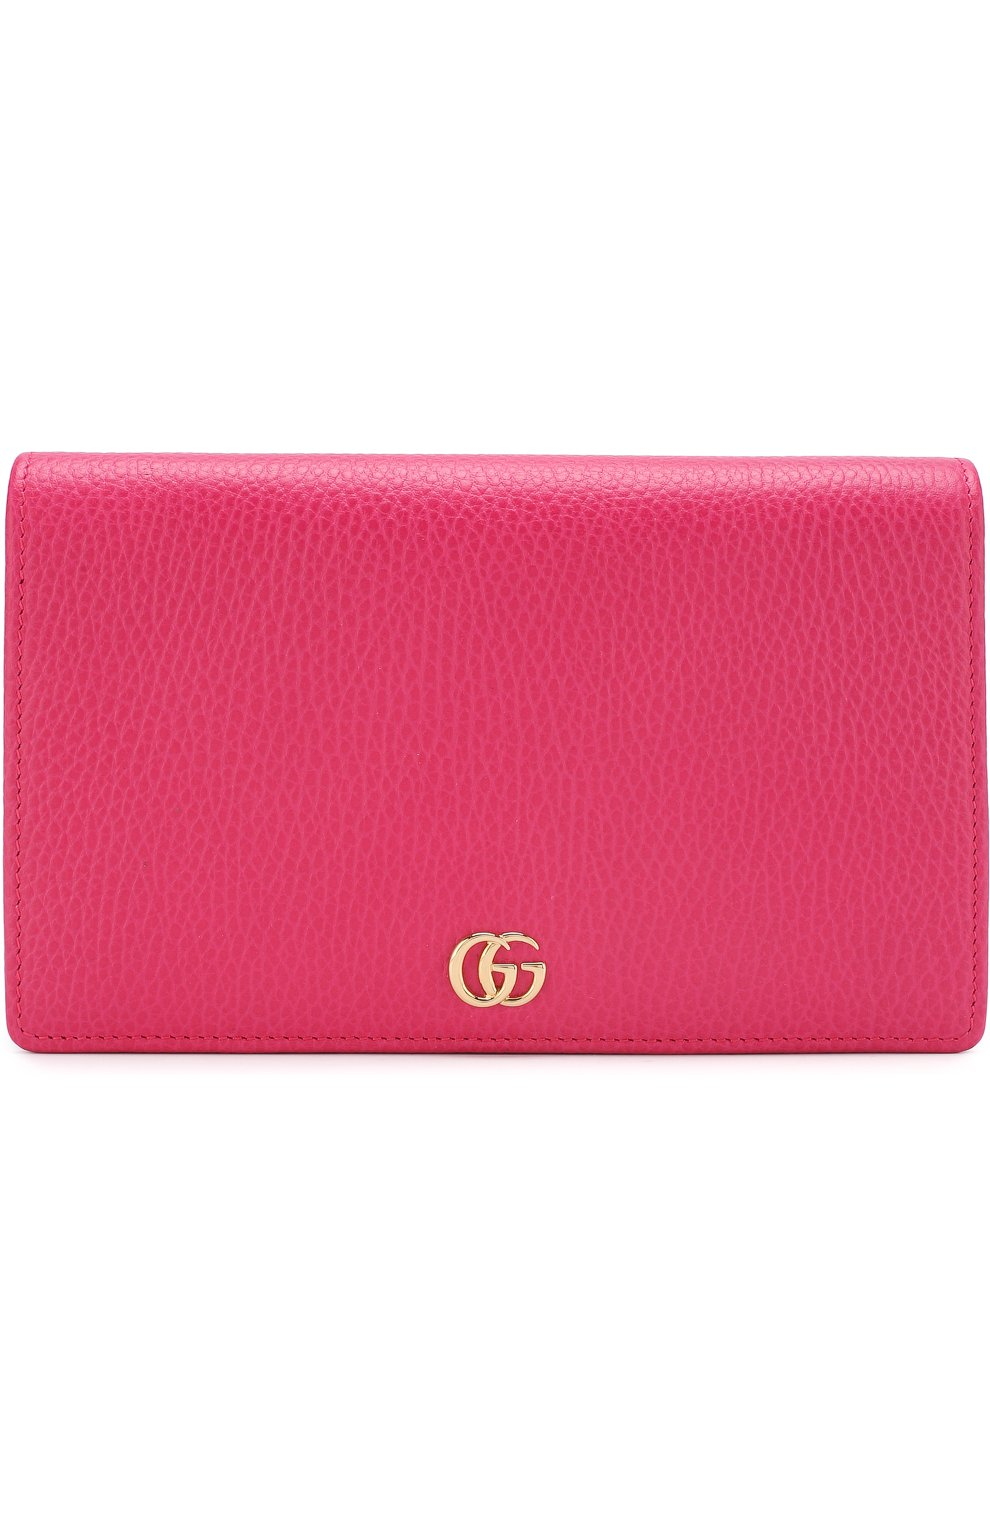 Женская сумка gg marmont mini GUCCI фуксия цвета, арт. 497985/CA00G | Фото 1